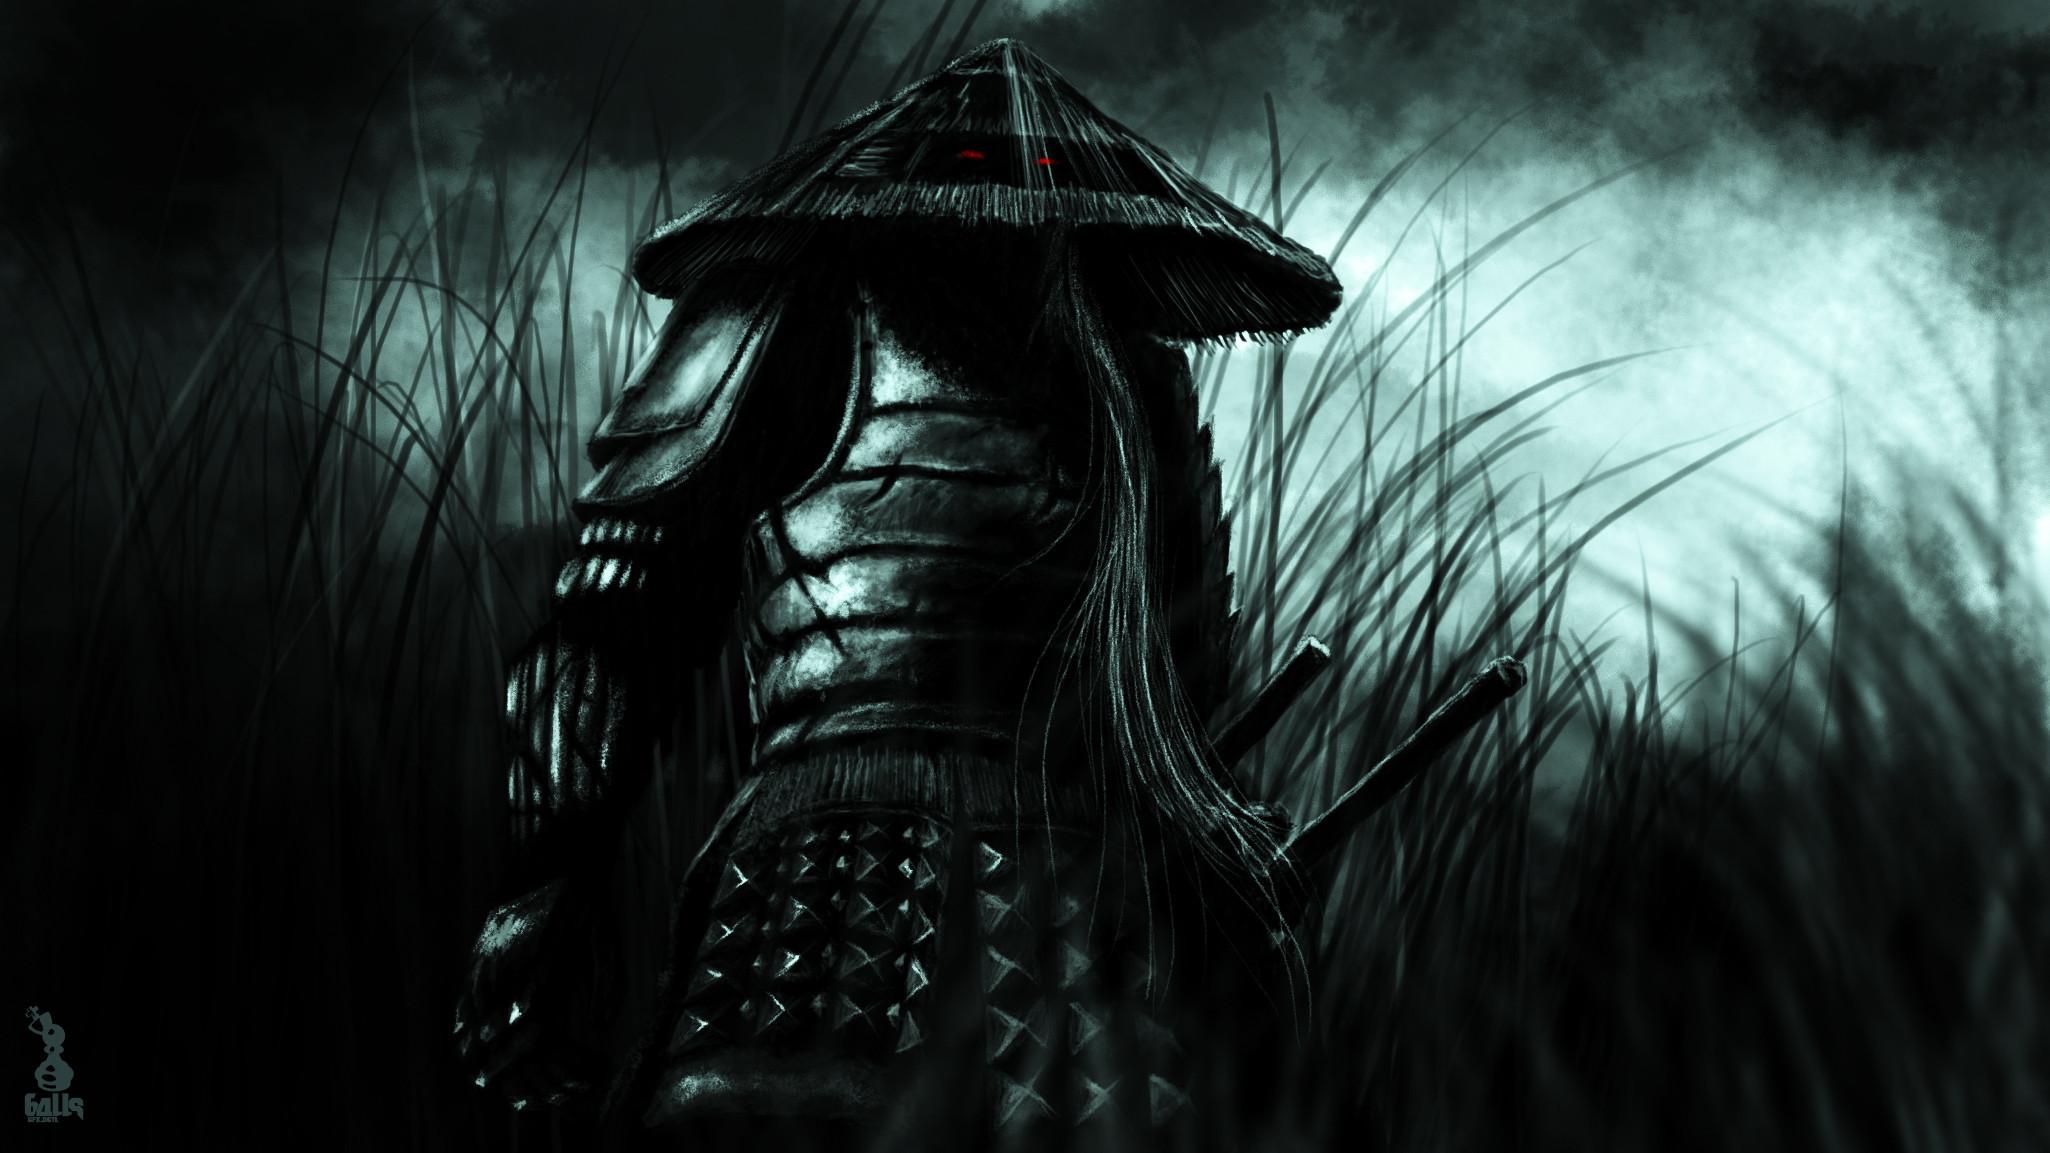 лучшие картинки самураев на телефон долю успеха преодолении